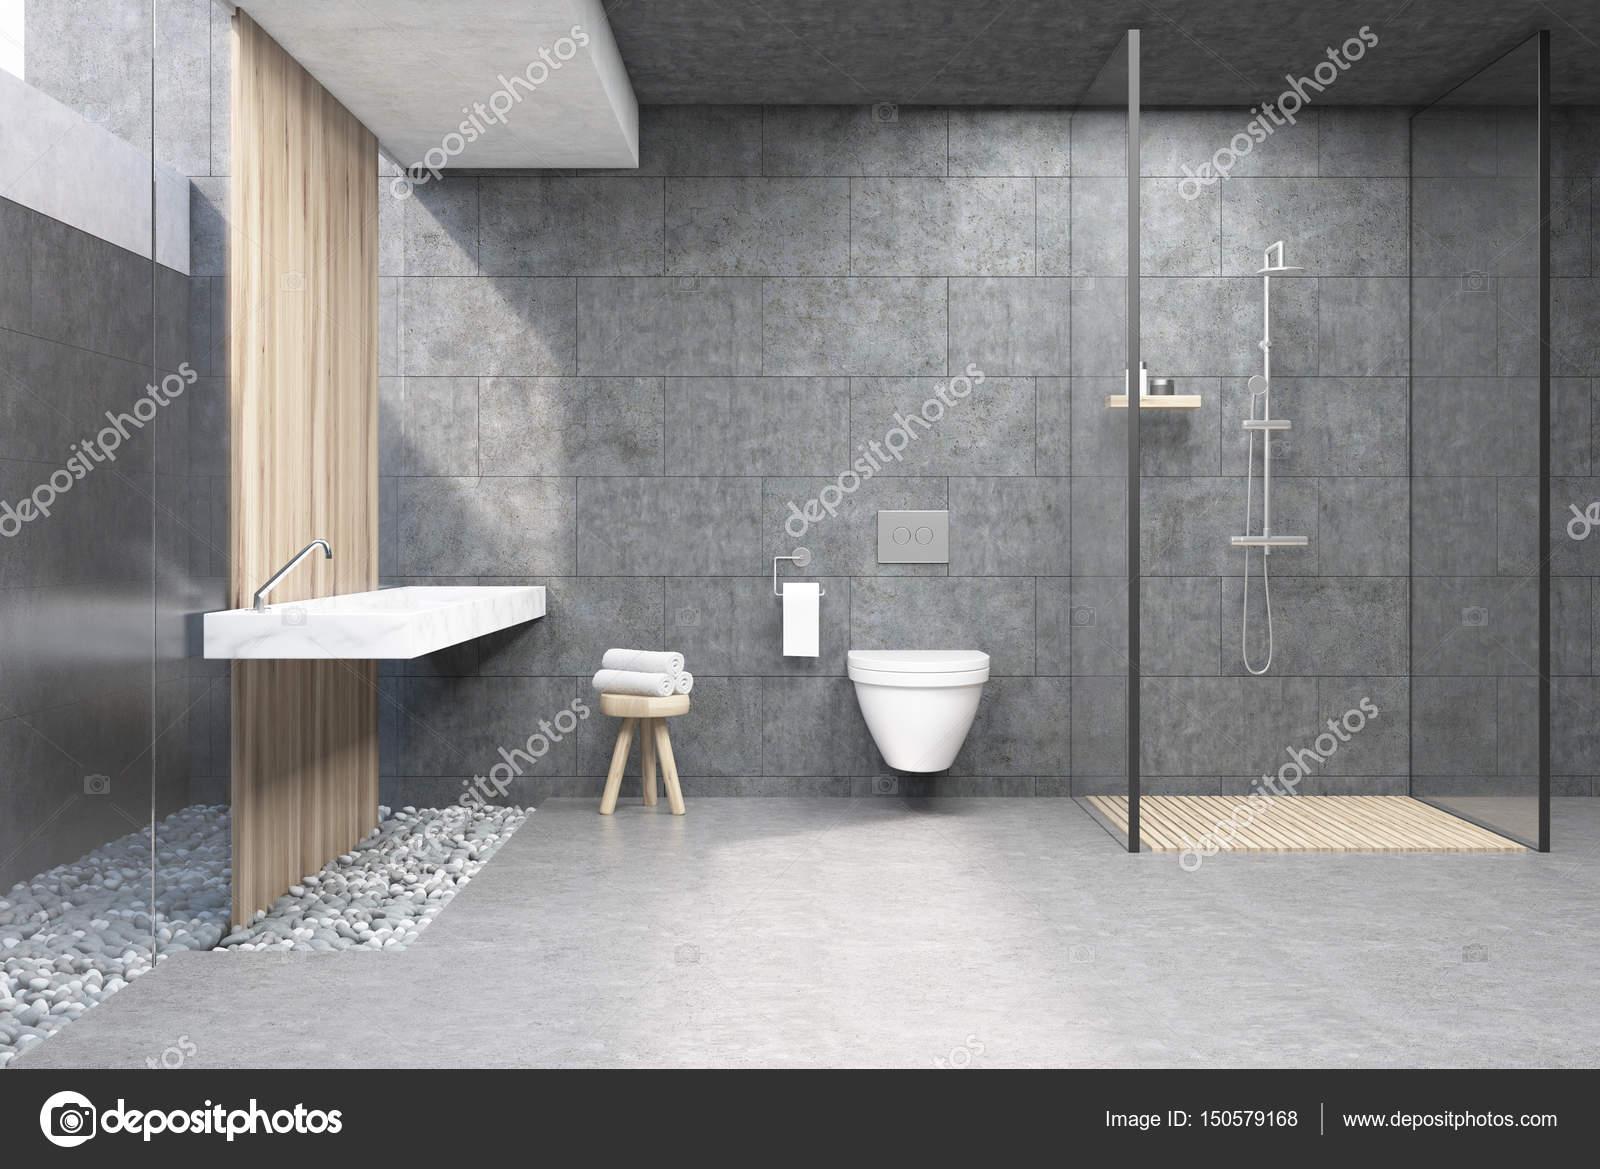 Badkamer interieur met grijze wanden, een douchecabine met glazen ...